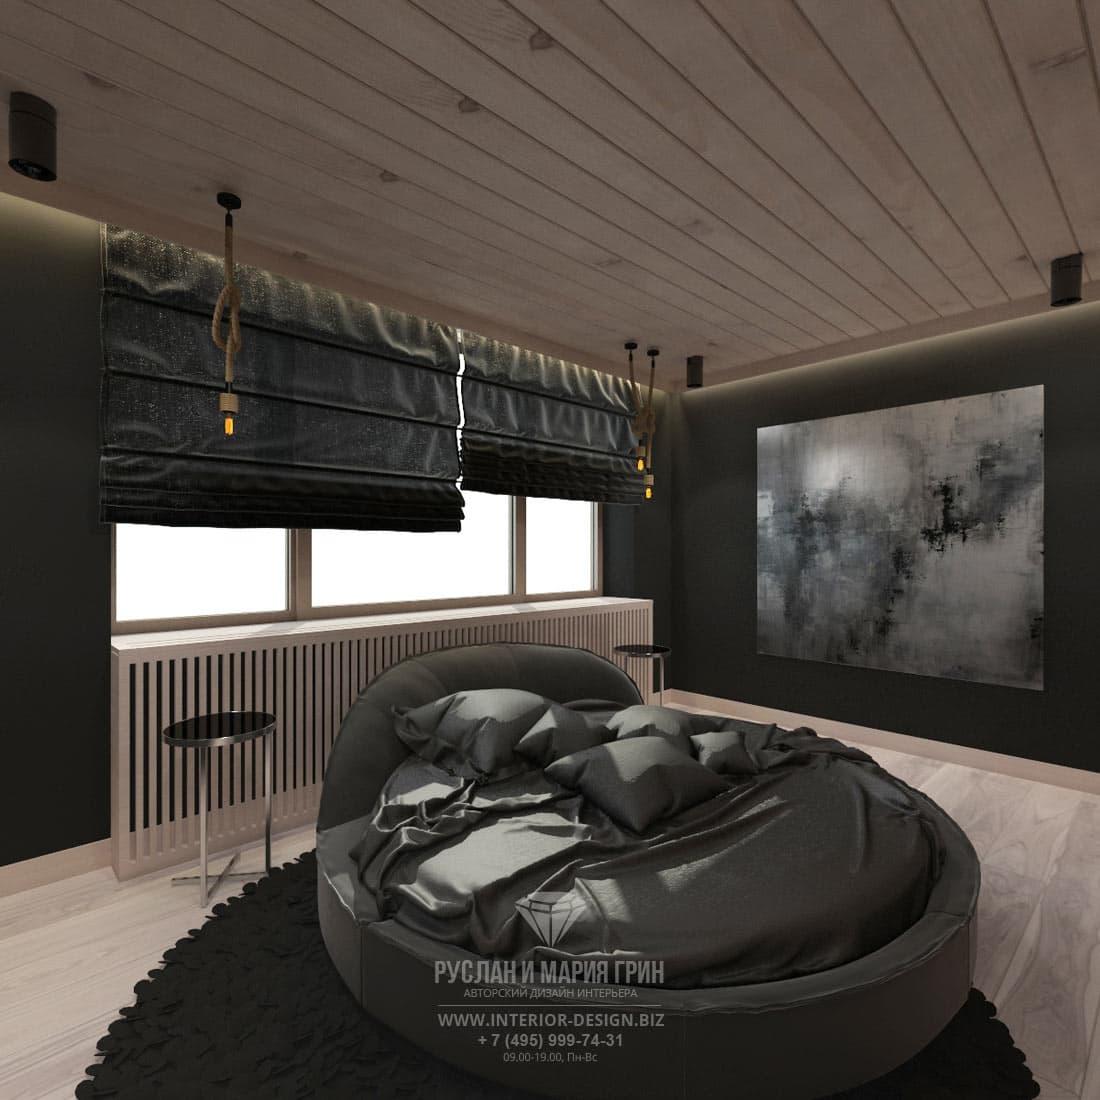 Интерьер современной спальни в черных тонах